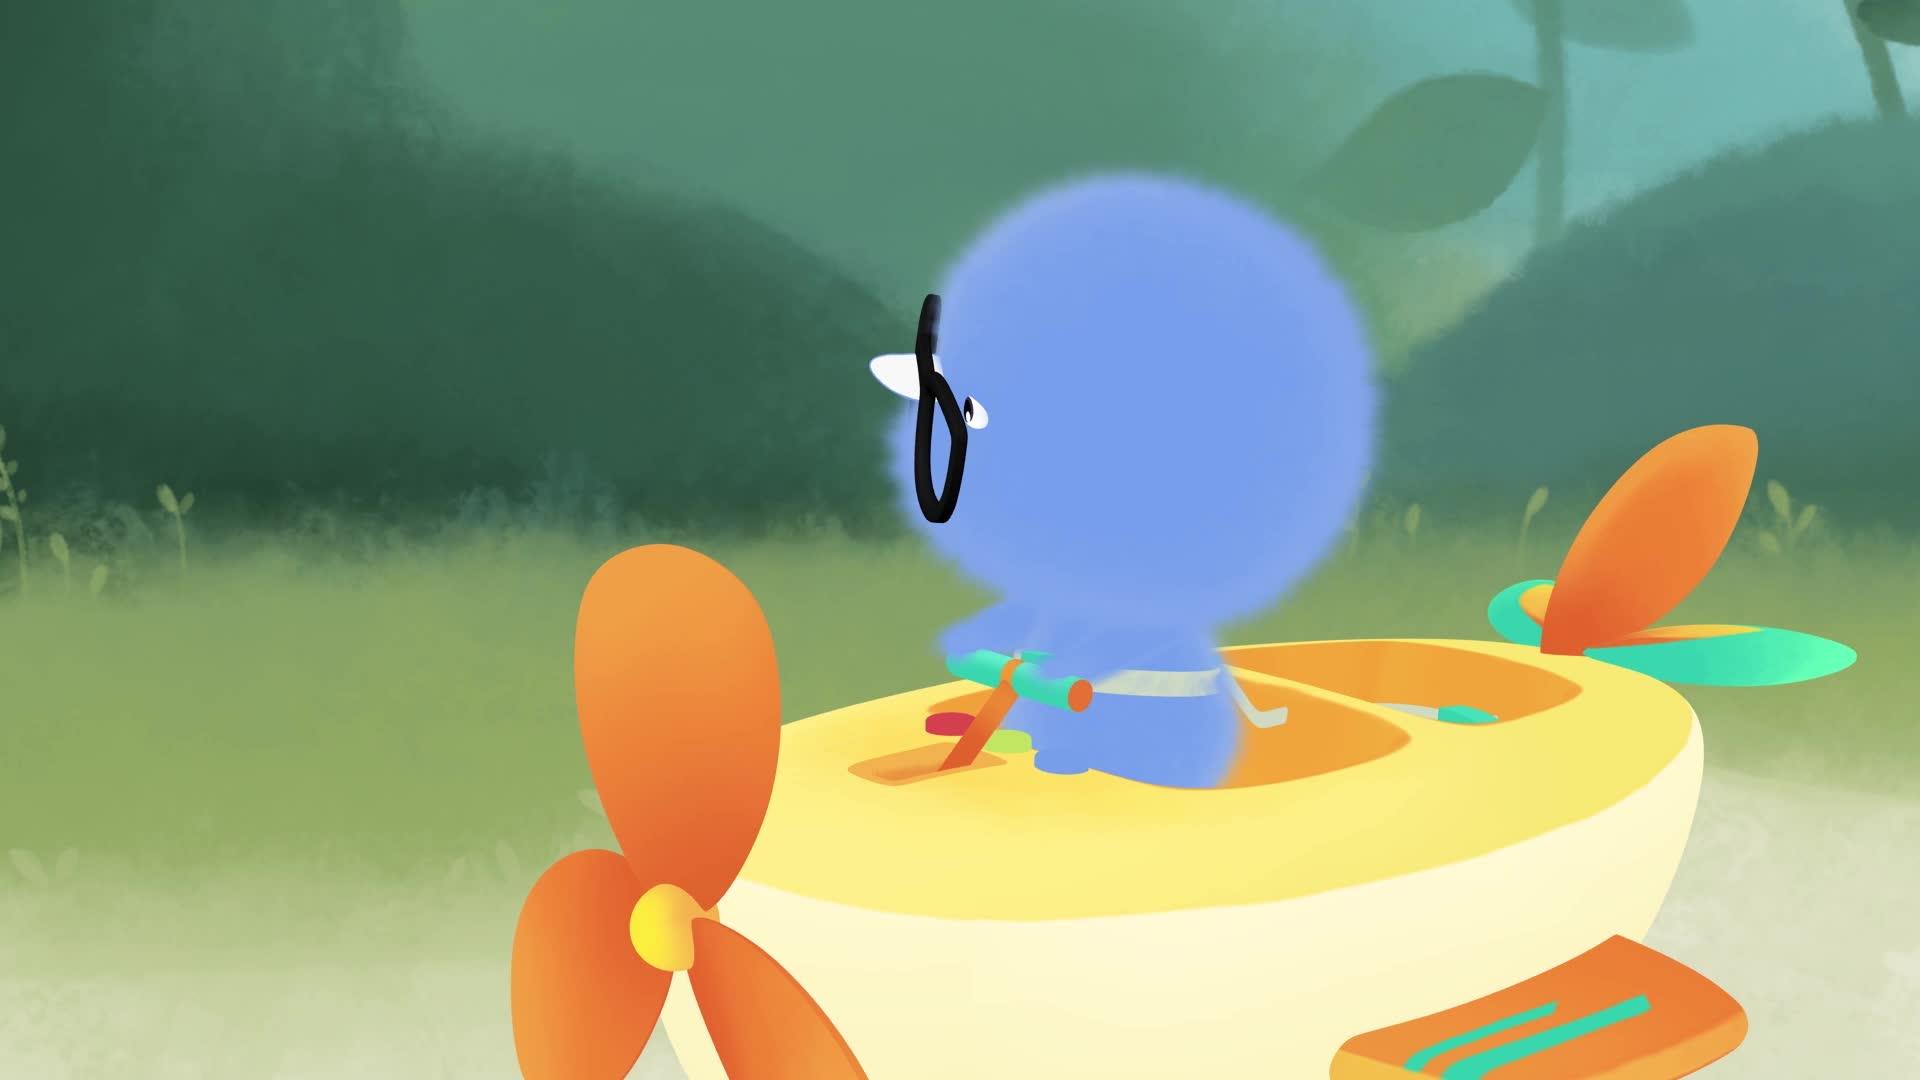 《小鸡彩虹》 第五季 13讲个故事